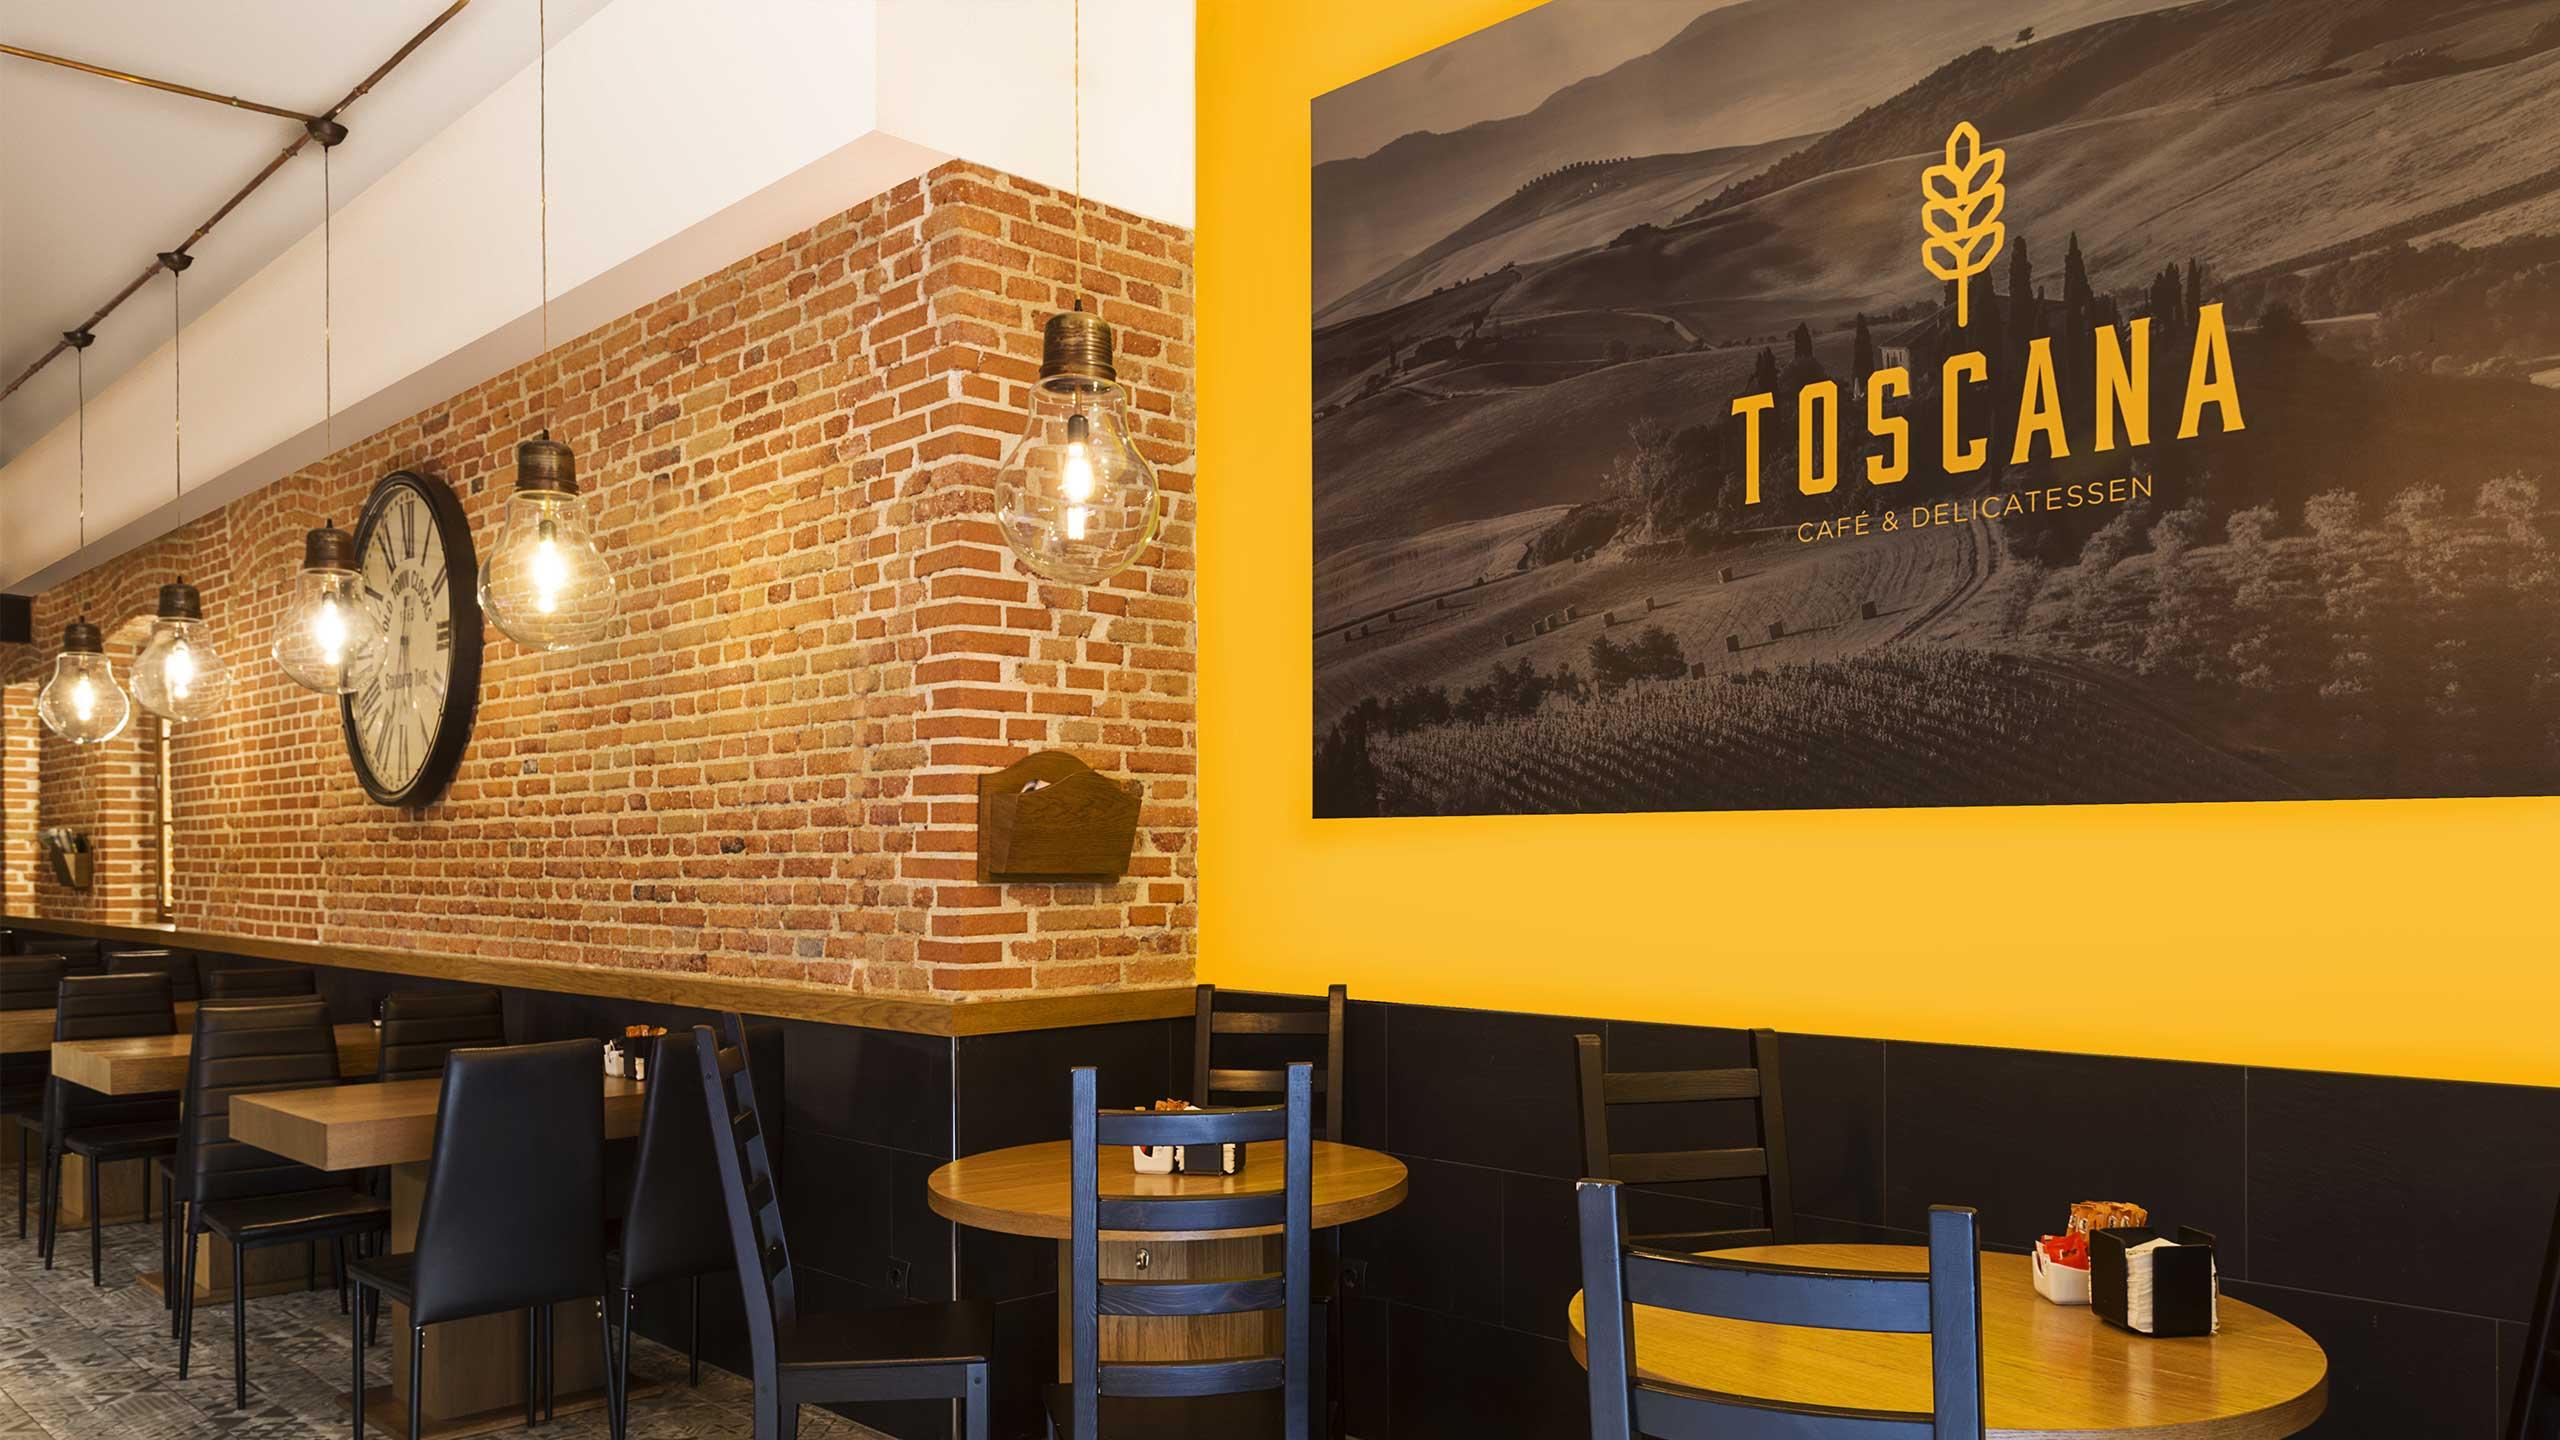 Diseño de rótulos interiores para la cafetería Toscana Madrid